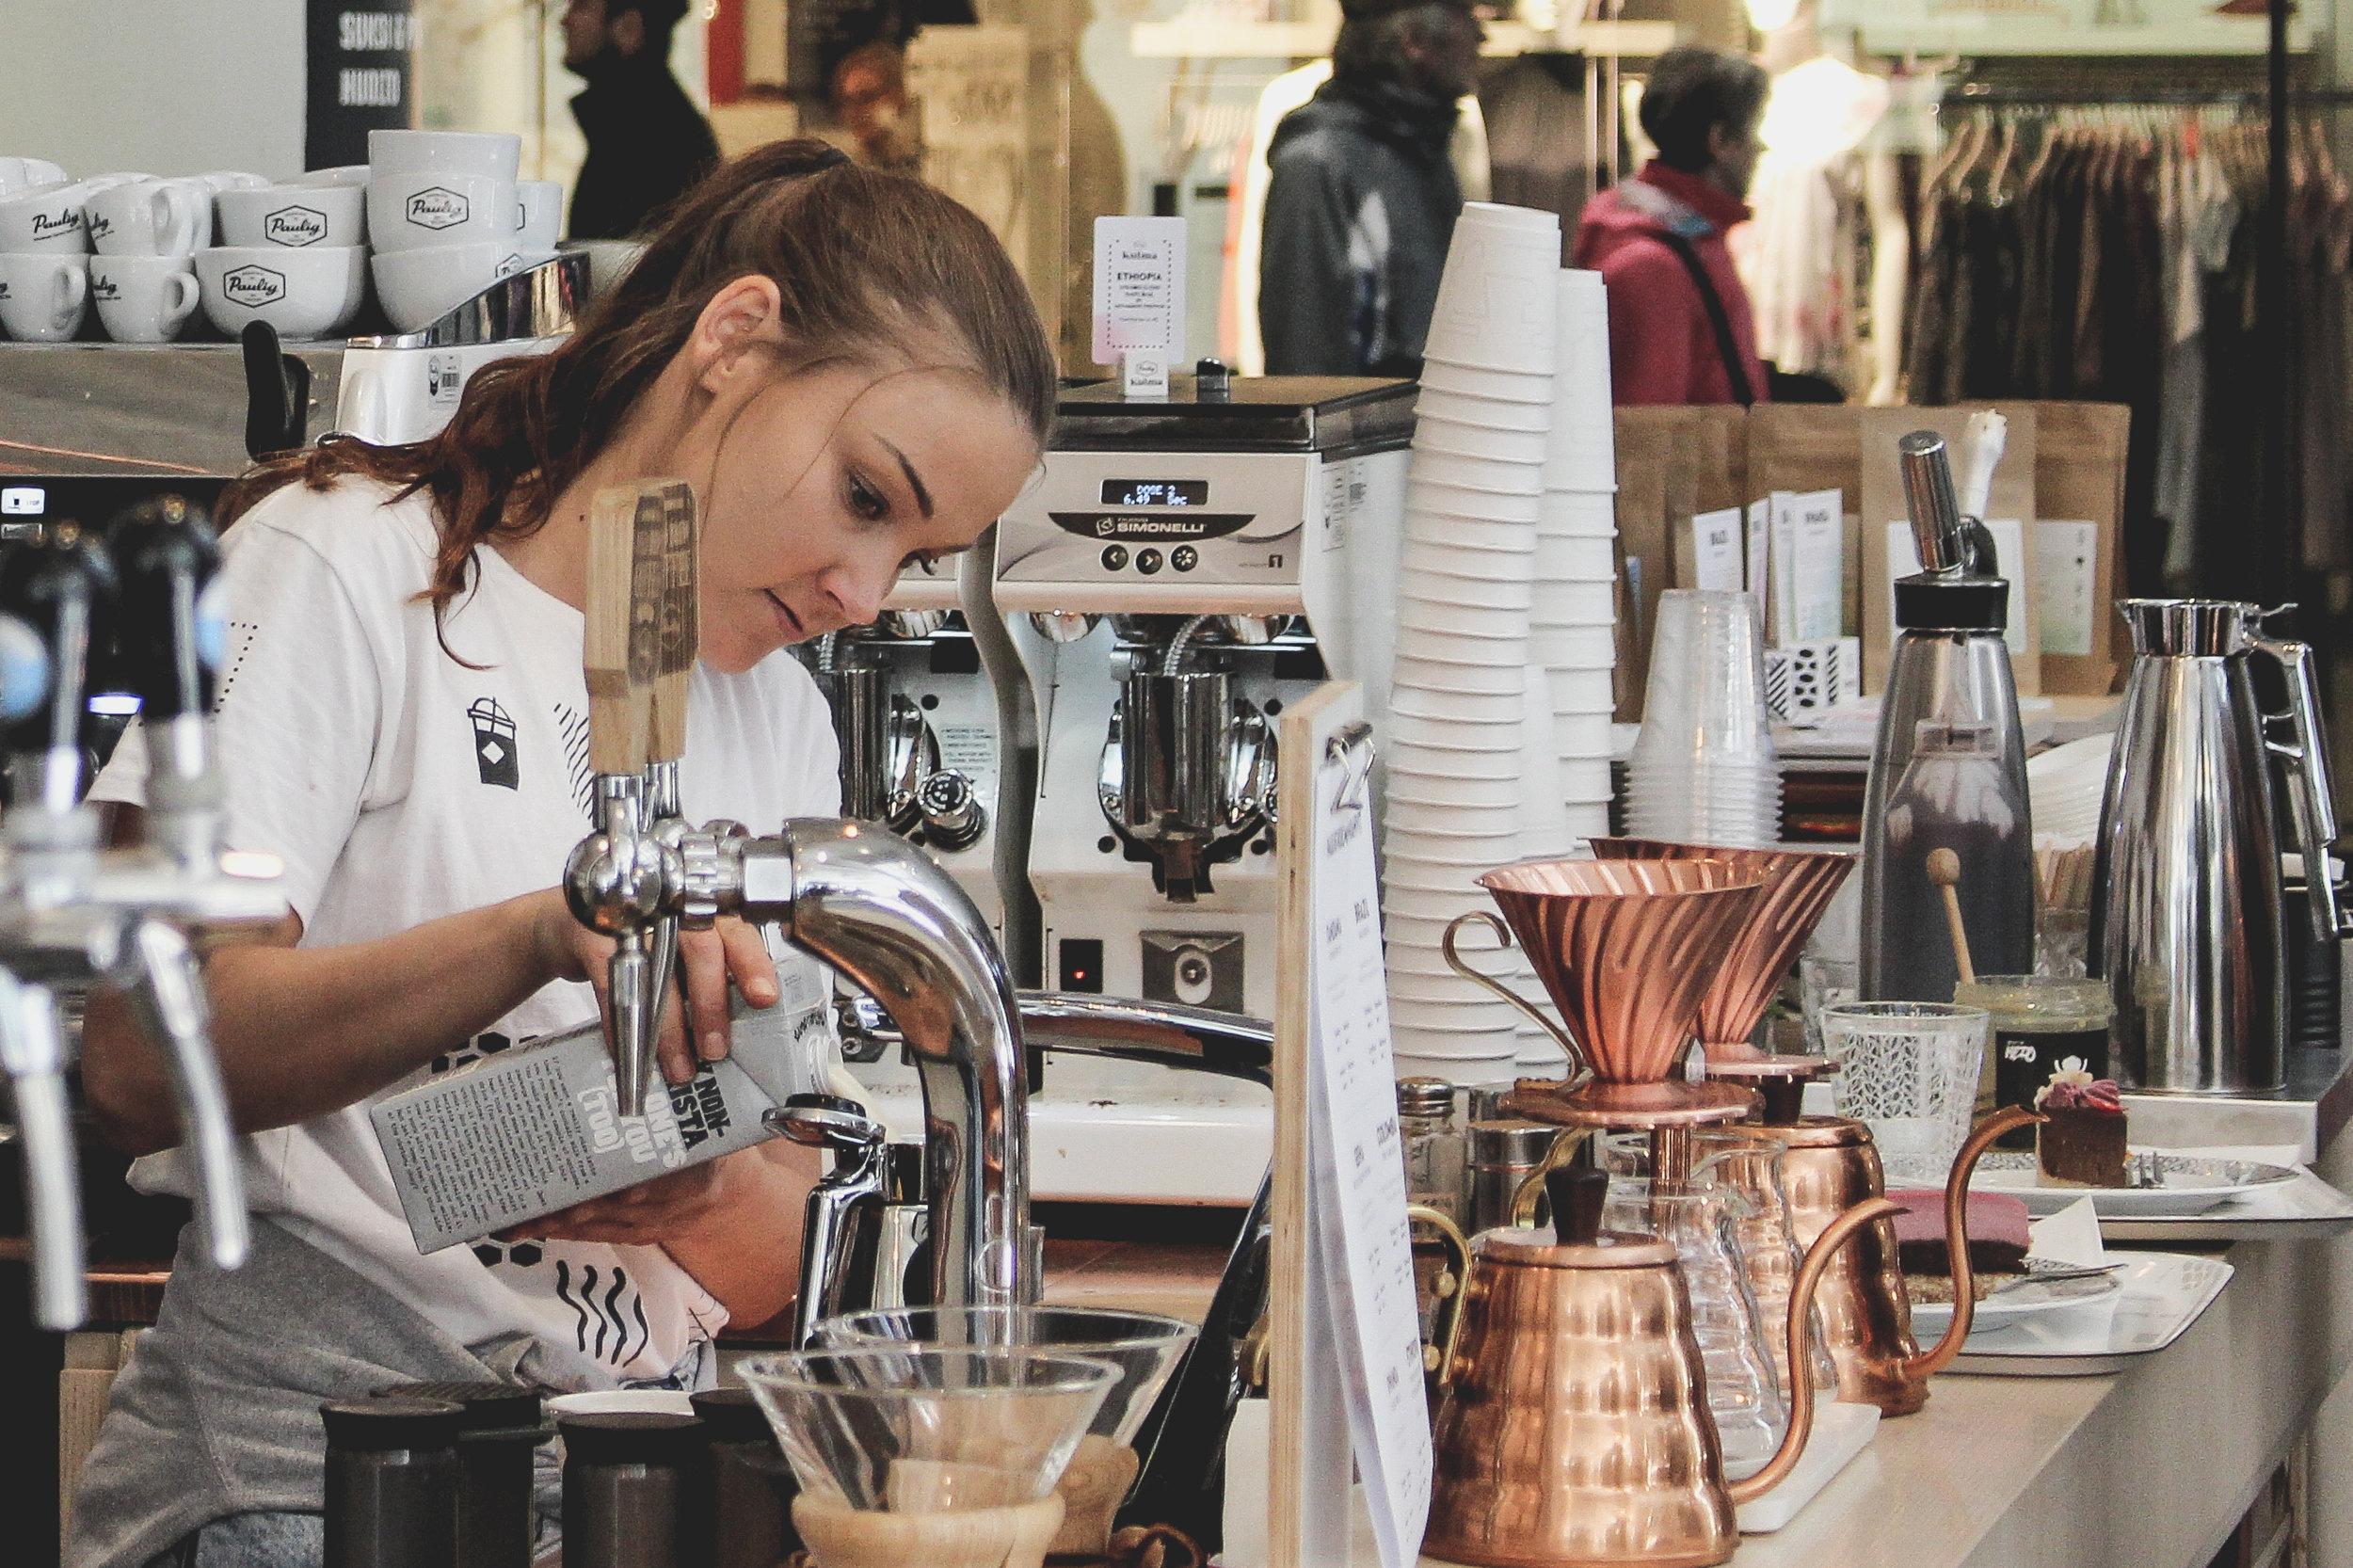 paulig_kulma_coffee_shop_helsinki_3